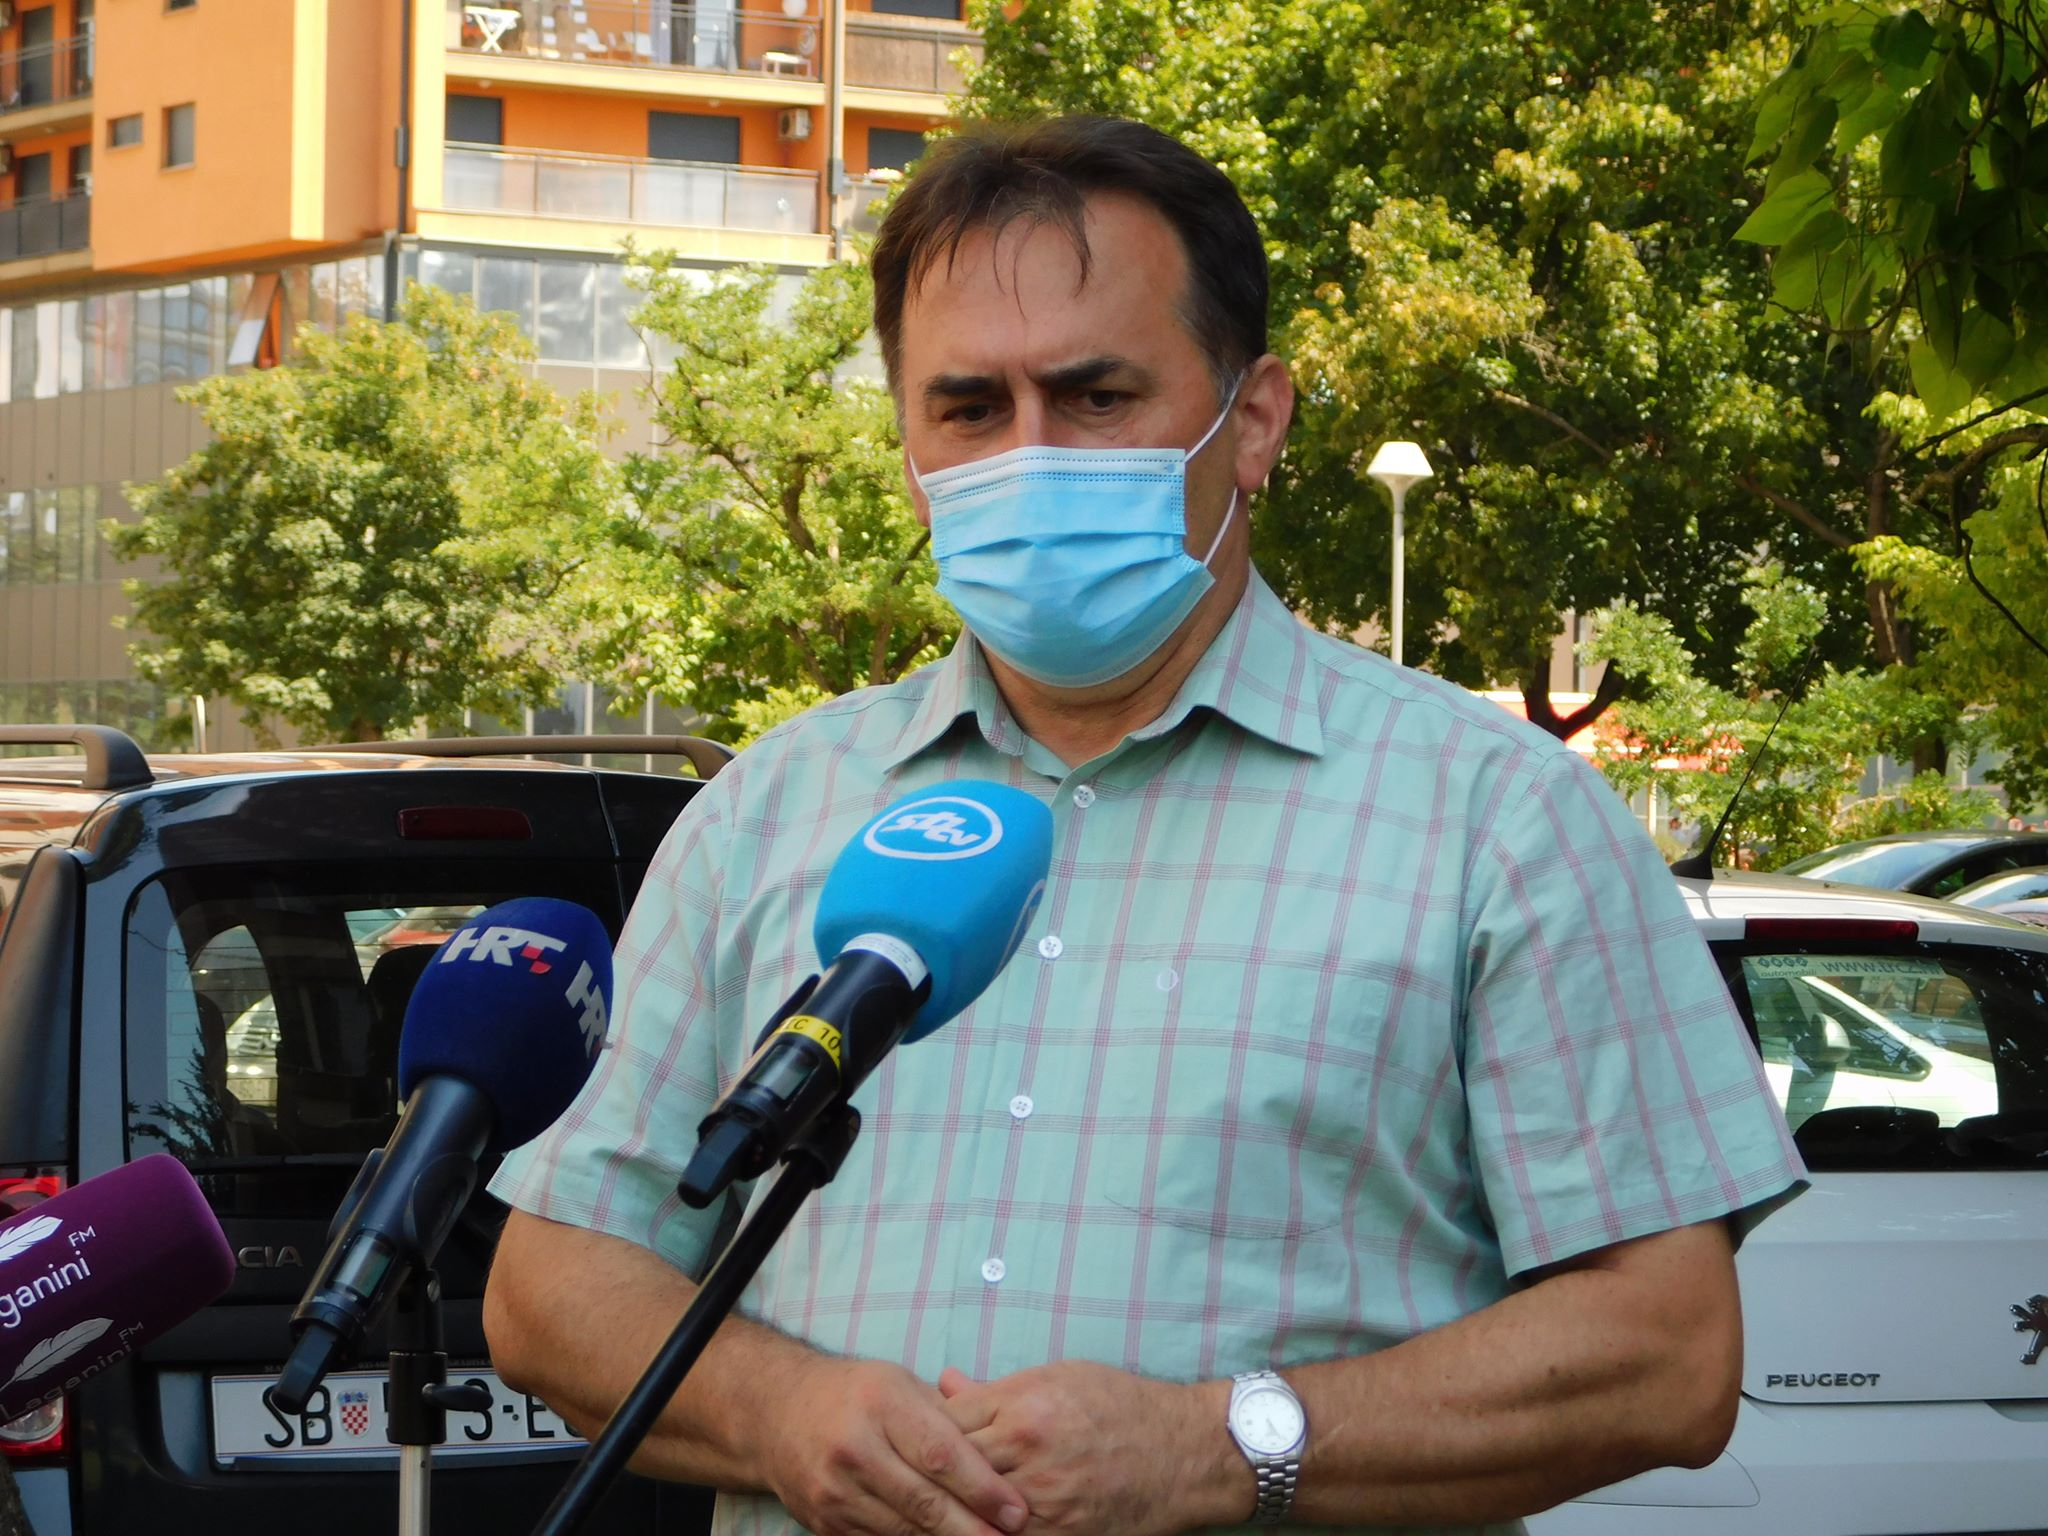 Danas 27 novih slučajeva zaraze koronavirusom u Brodsko-posavskoj županiji